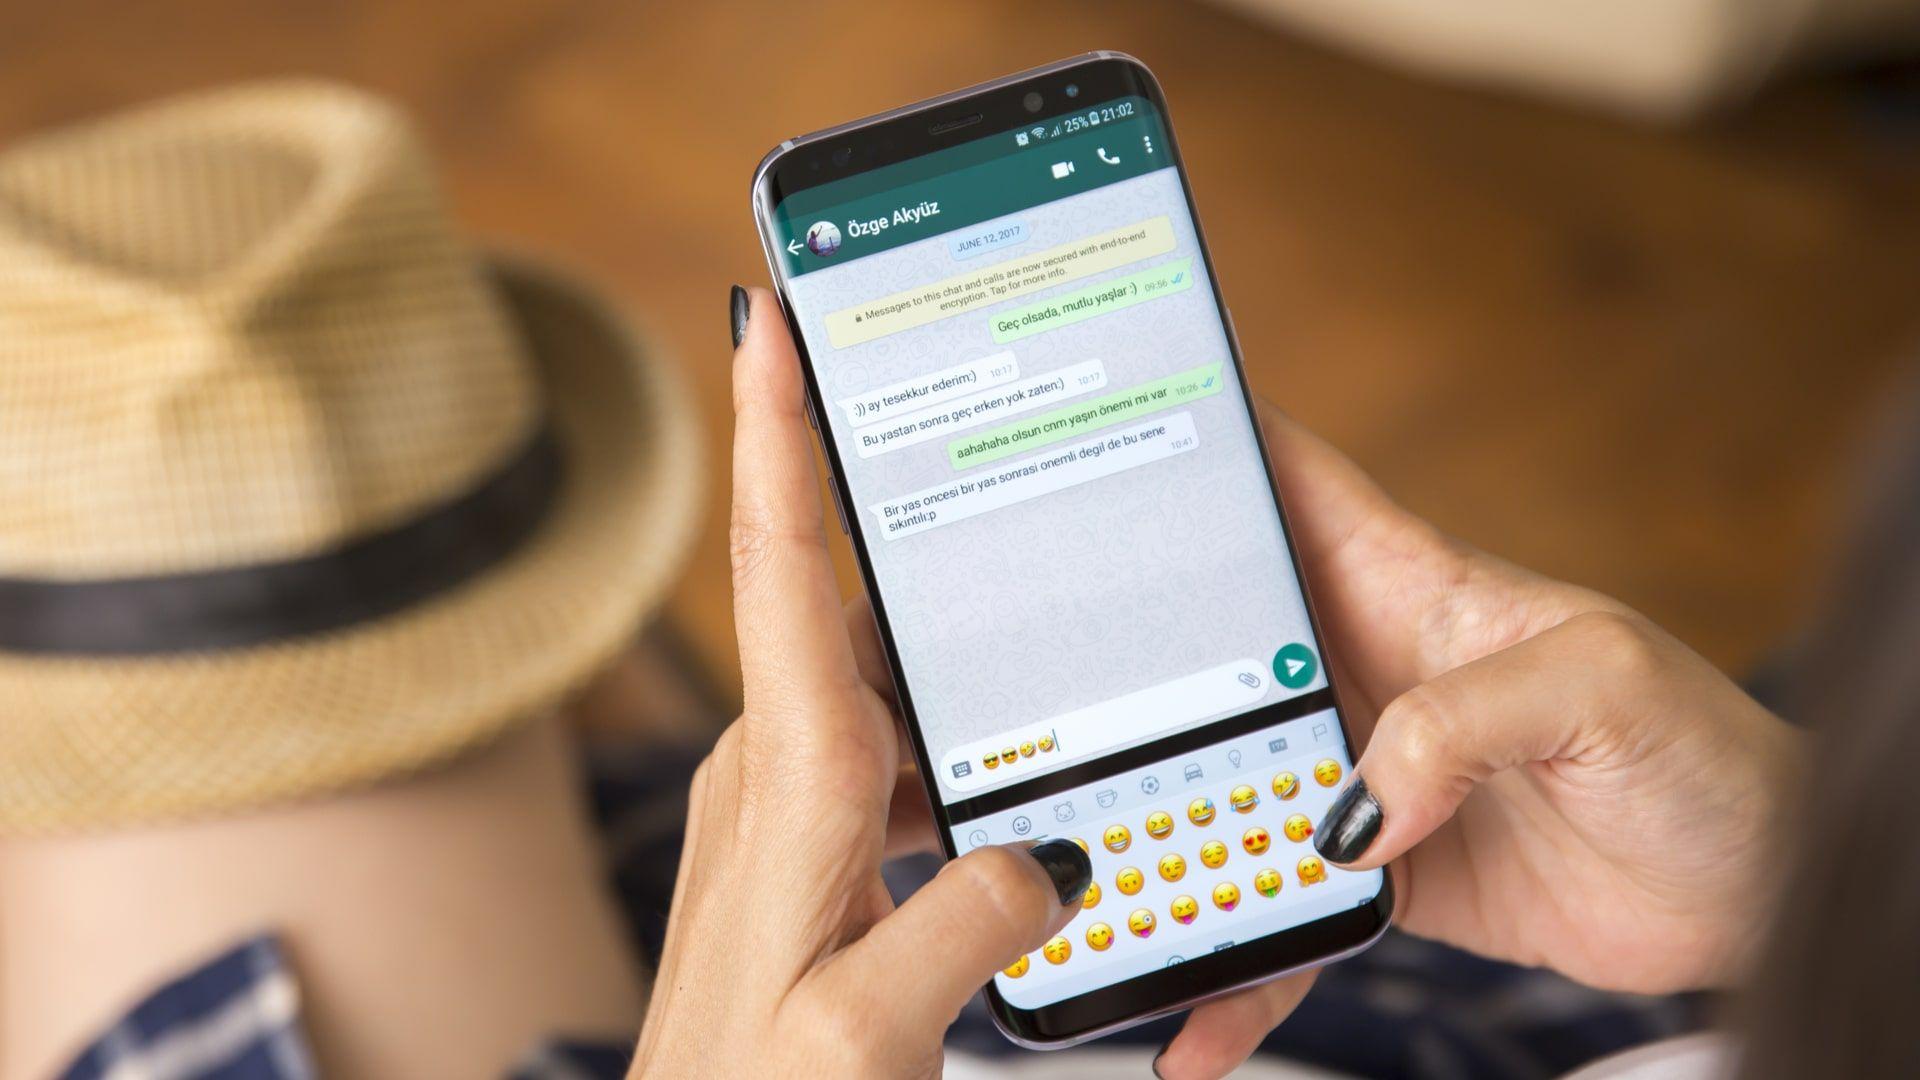 Como recuperar mensagens apagadas do WhatsApp? Veja todas as dicas que você precisa saber (Foto: Shutterstock)